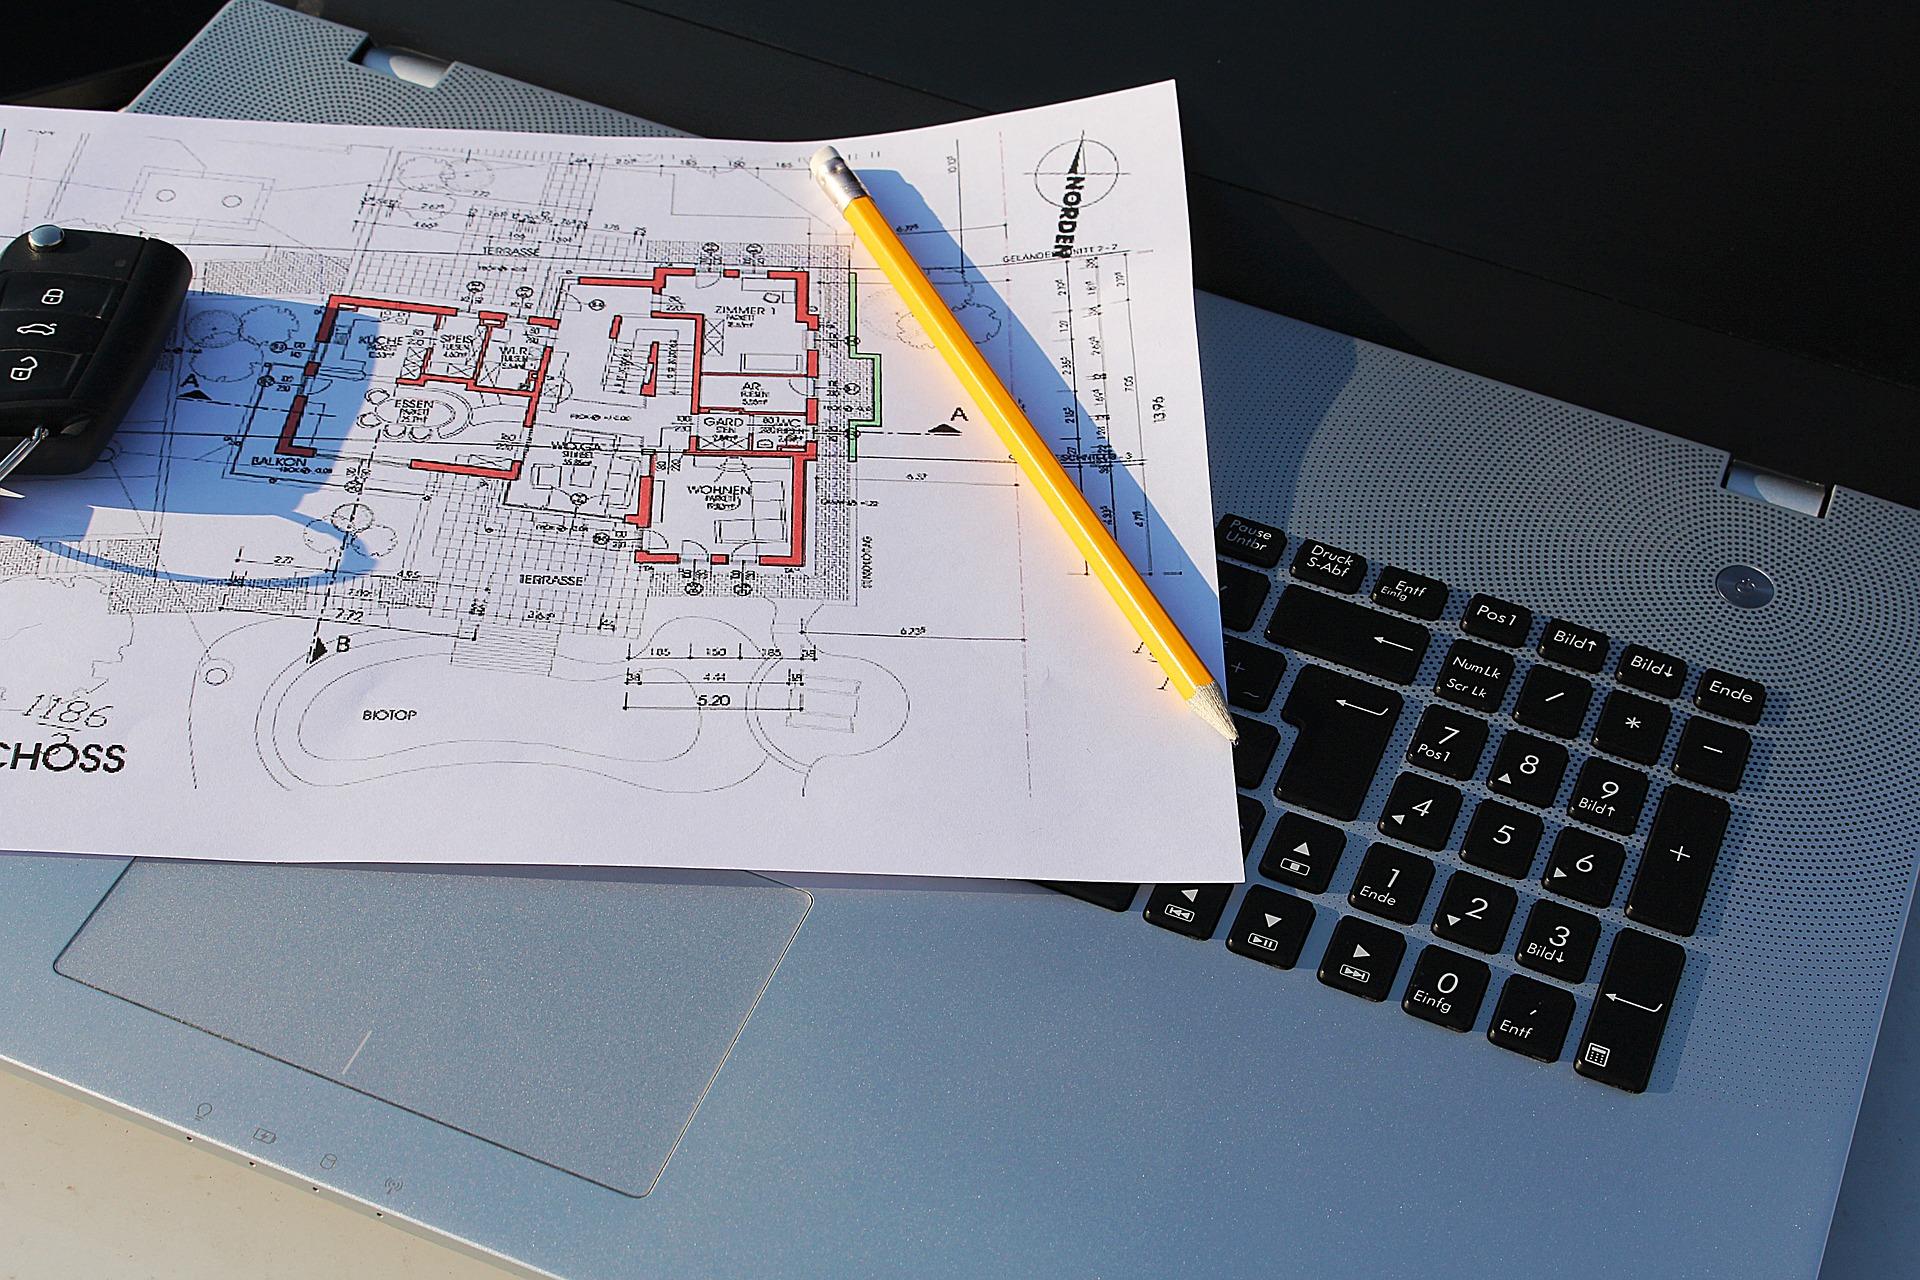 hedera bauwert: Professionelle Bauplanung für Wohneigentum in Berlin